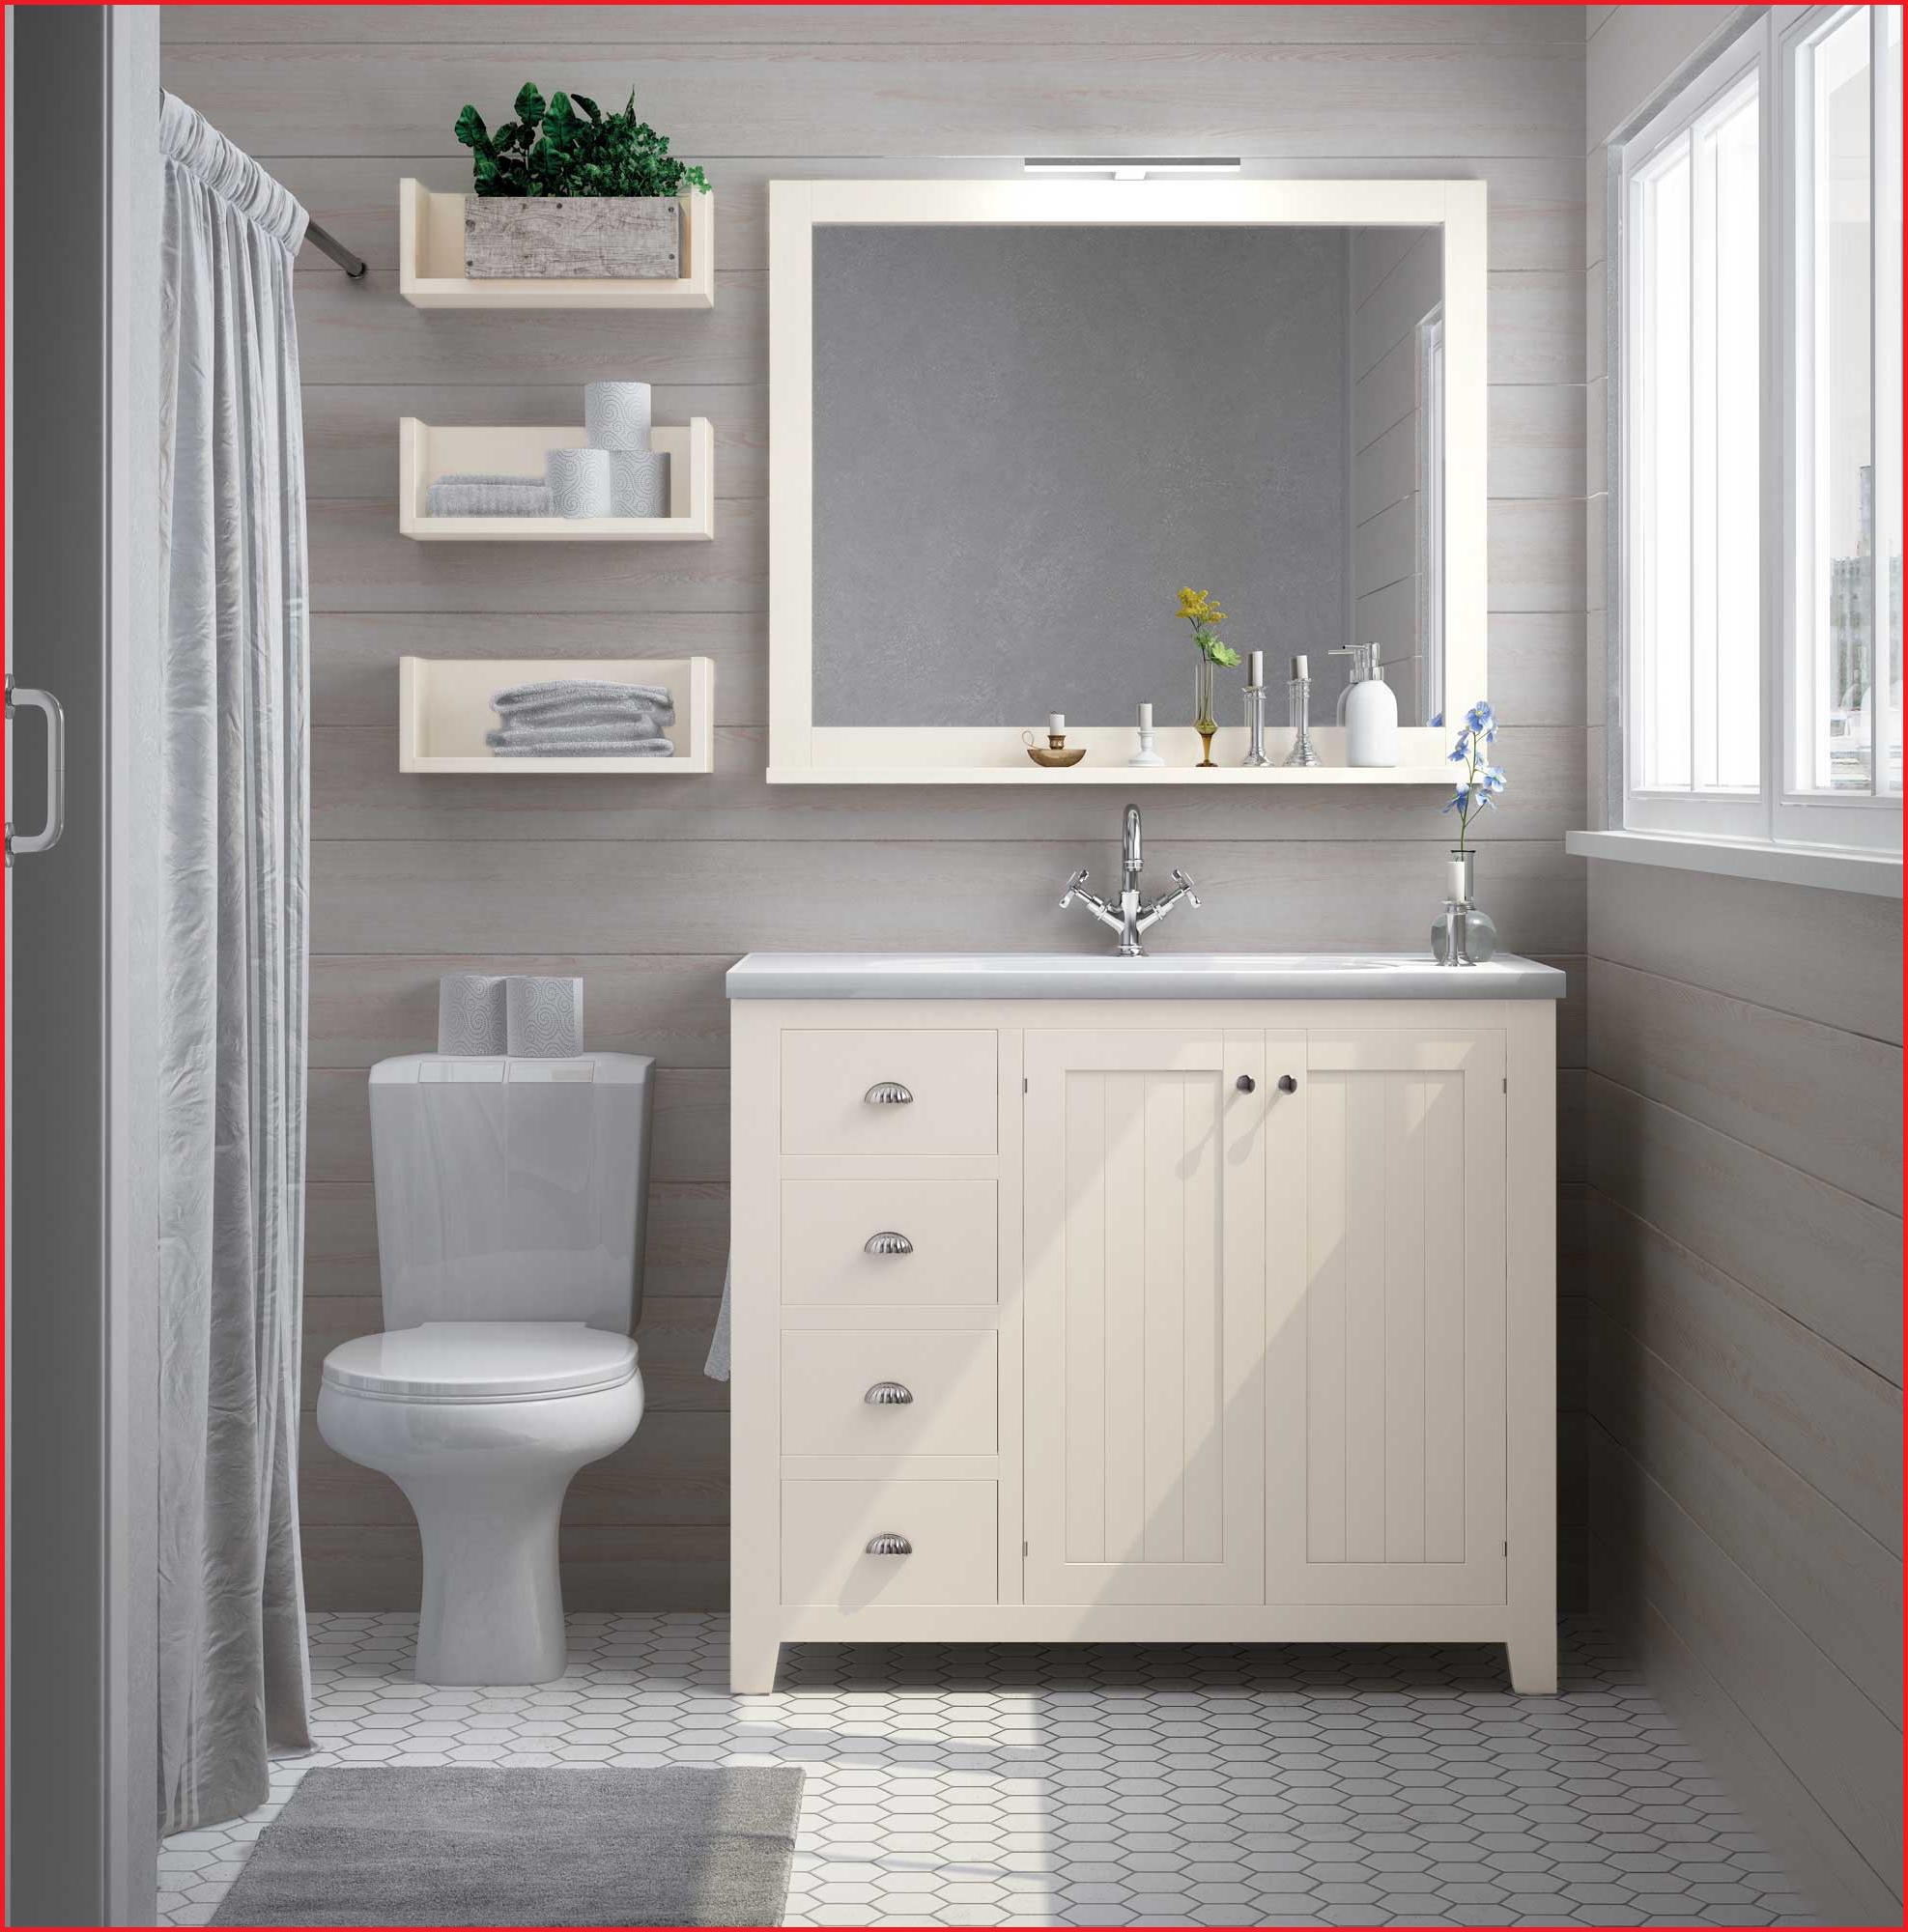 Muebles De Baño Blancos S1du Muebles De Baà O Blanco Muebles De BaO Muebles De BaO Para